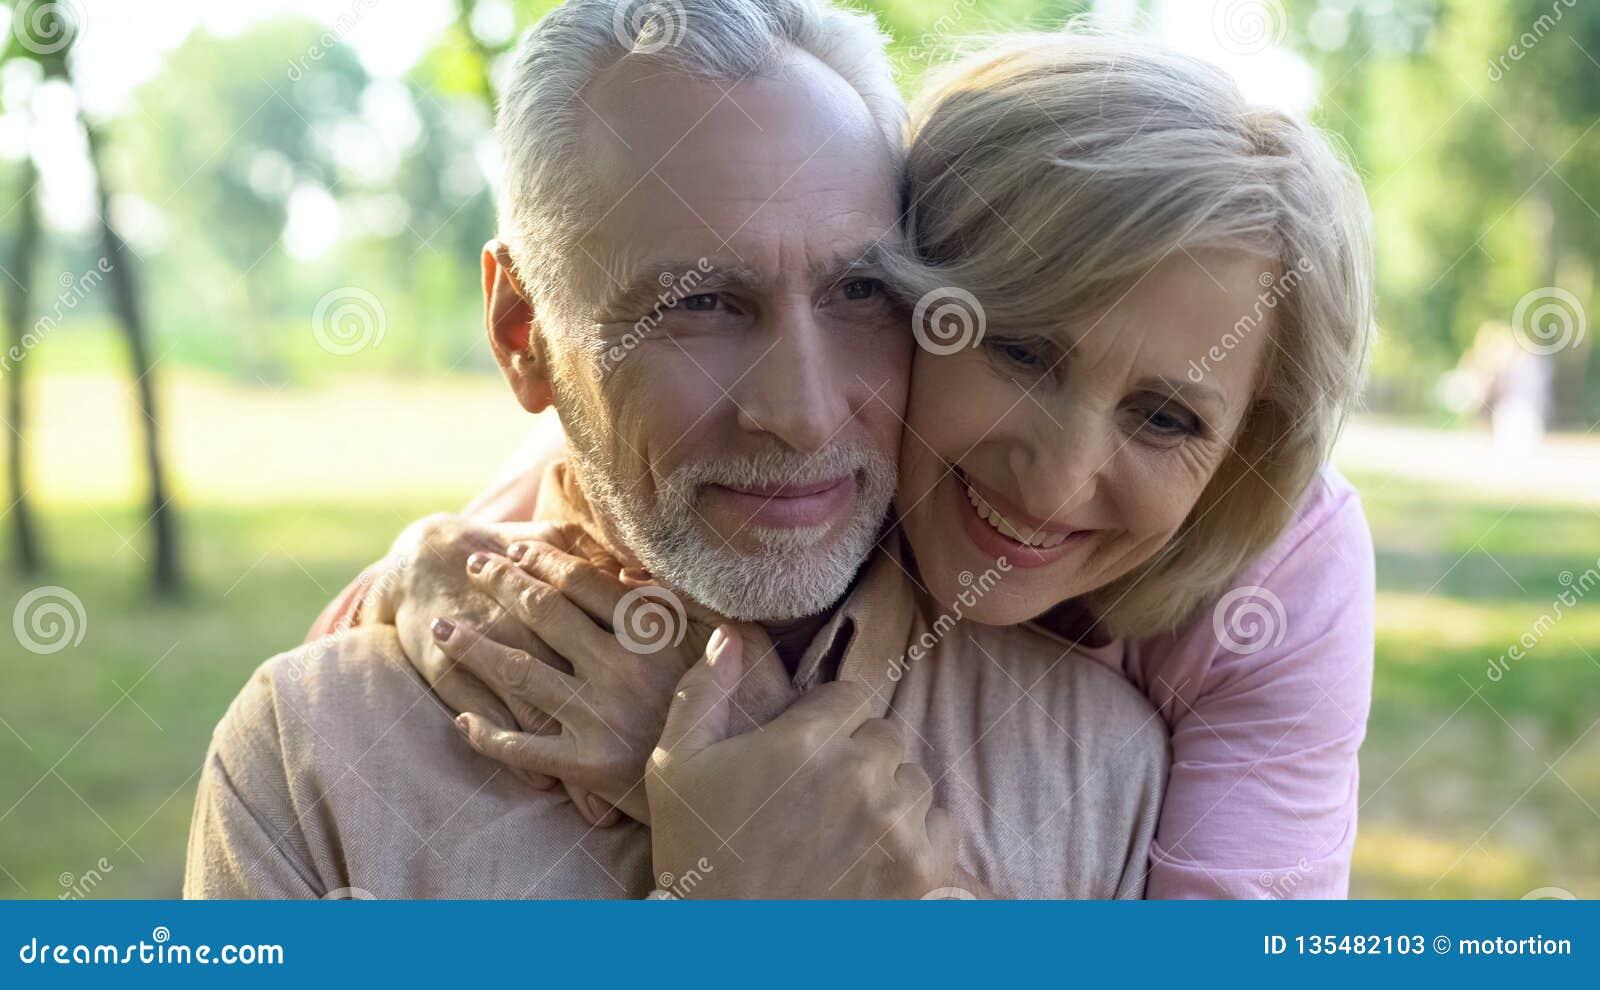 Ευτυχές παλαιό αγκάλιασμα ζευγών, που στηρίζεται στο πάρκο μαζί, στενότητα παππούδων και γιαγιάδων